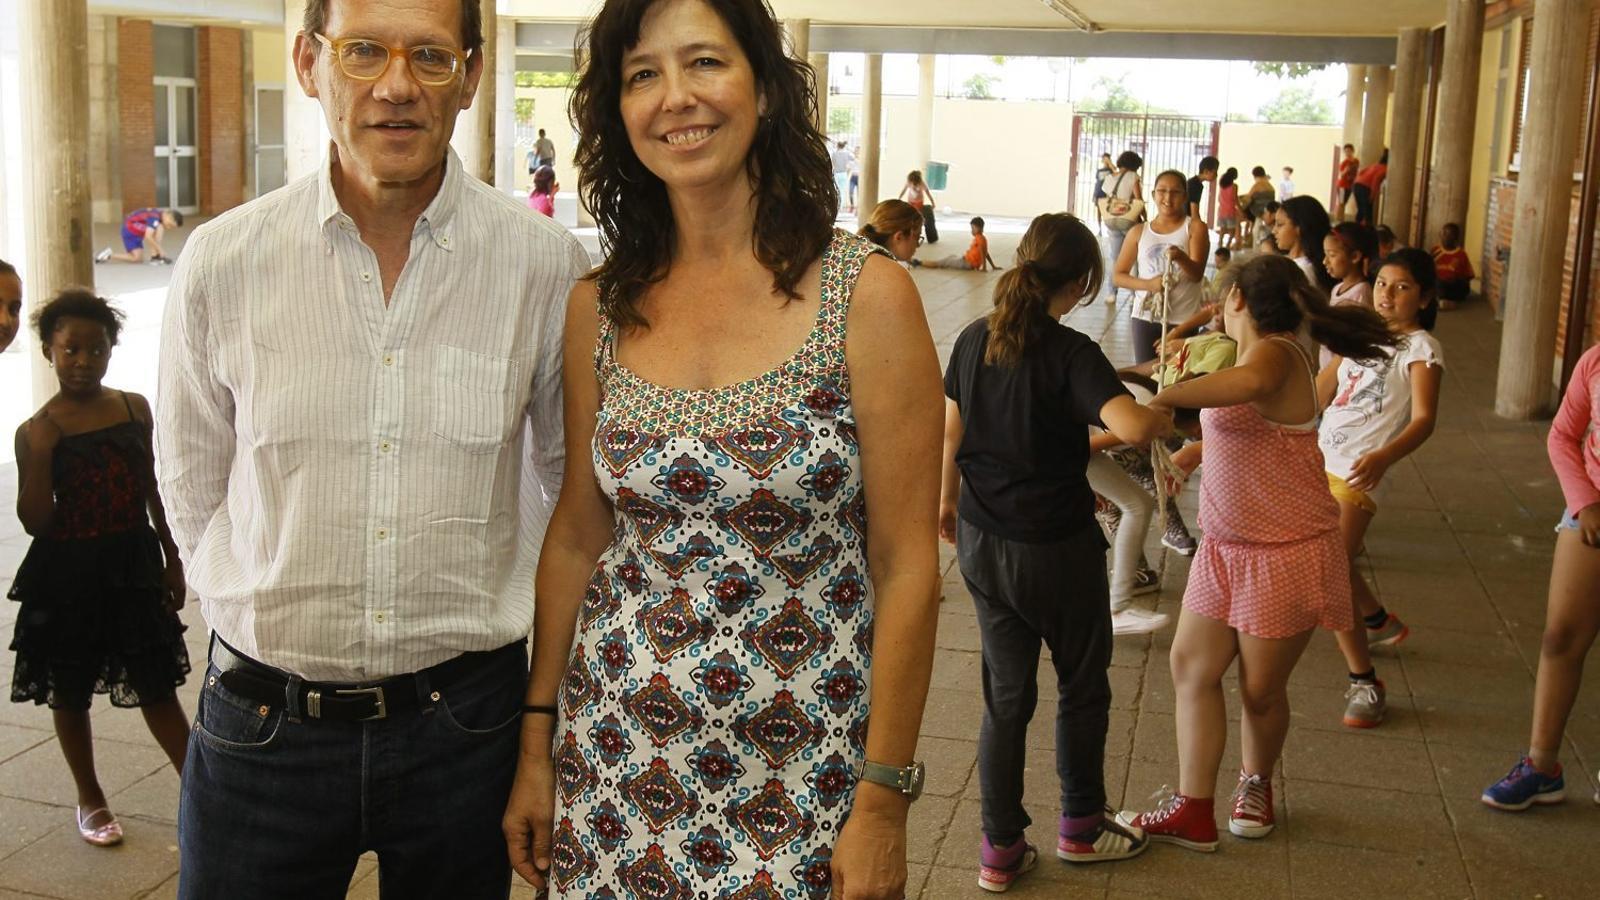 INTEGRACIÓ   El director del centre, Joan Rado, i la mestra Ester Genovard treballen per un model d'escola inclusiva multicultural.